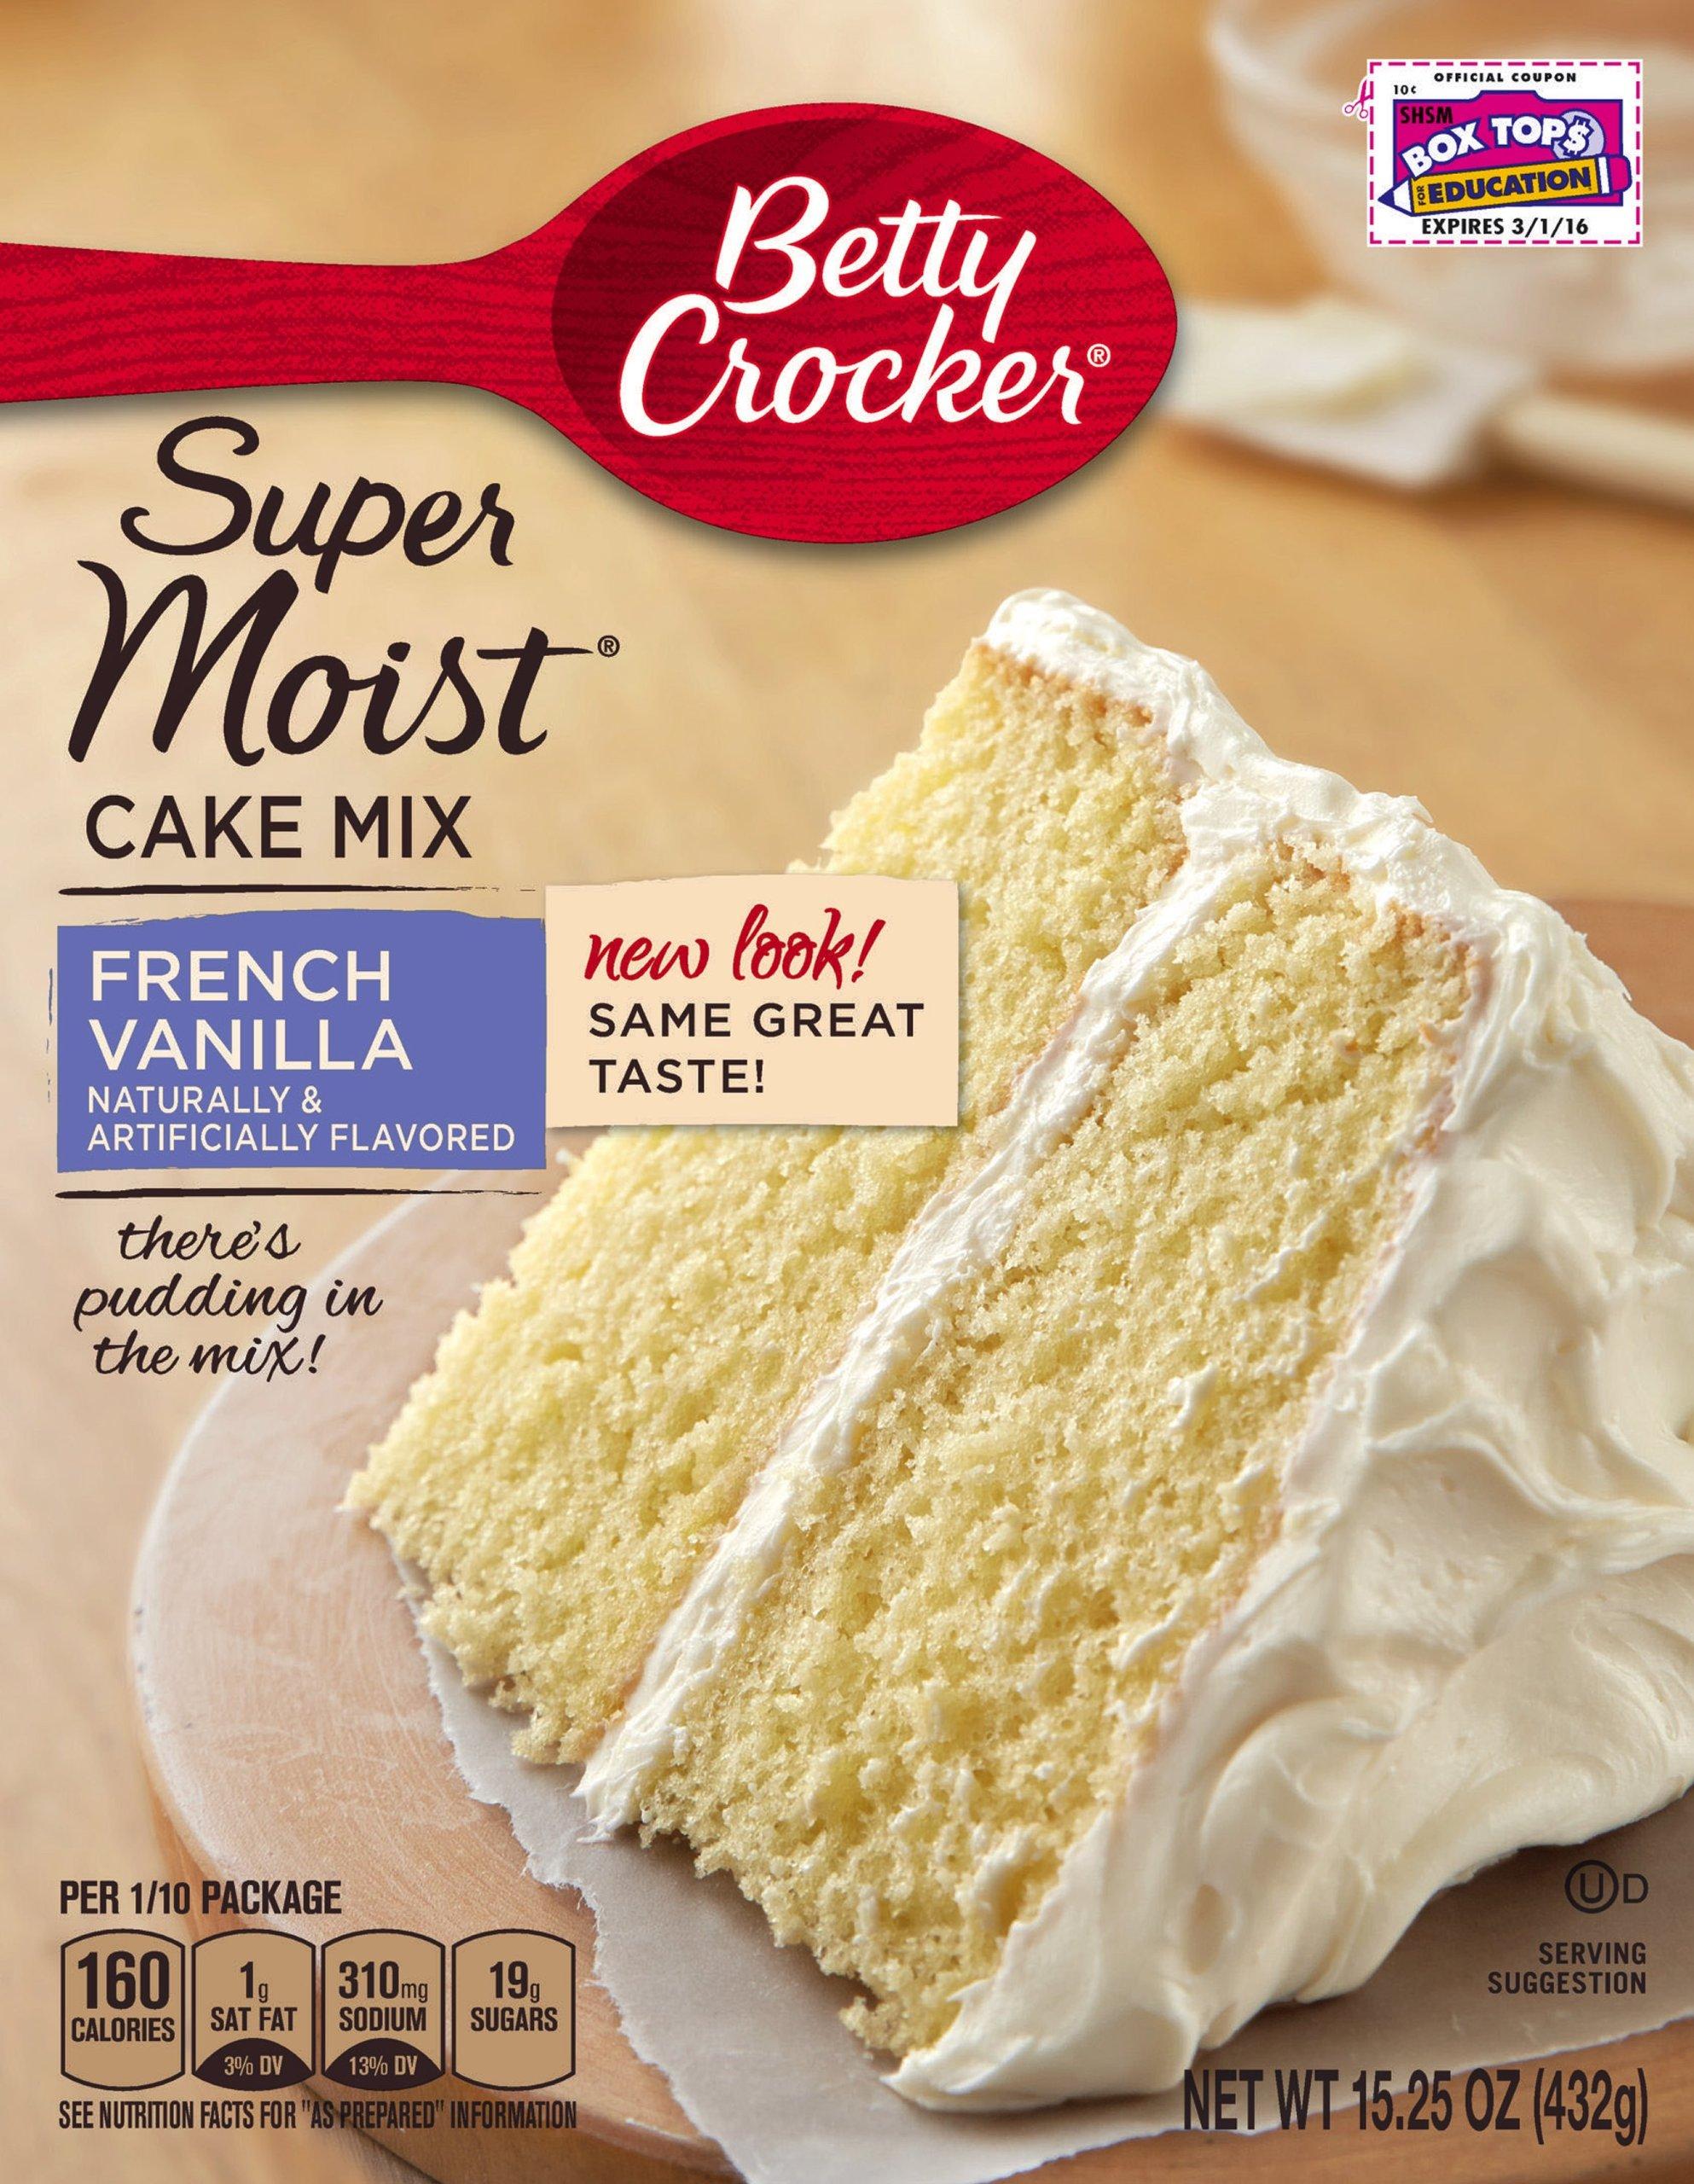 Betty Crocker Baking Mix, Super Moist Cake Mix, French Vanilla, 15.25 Oz Box (Pack of 6)